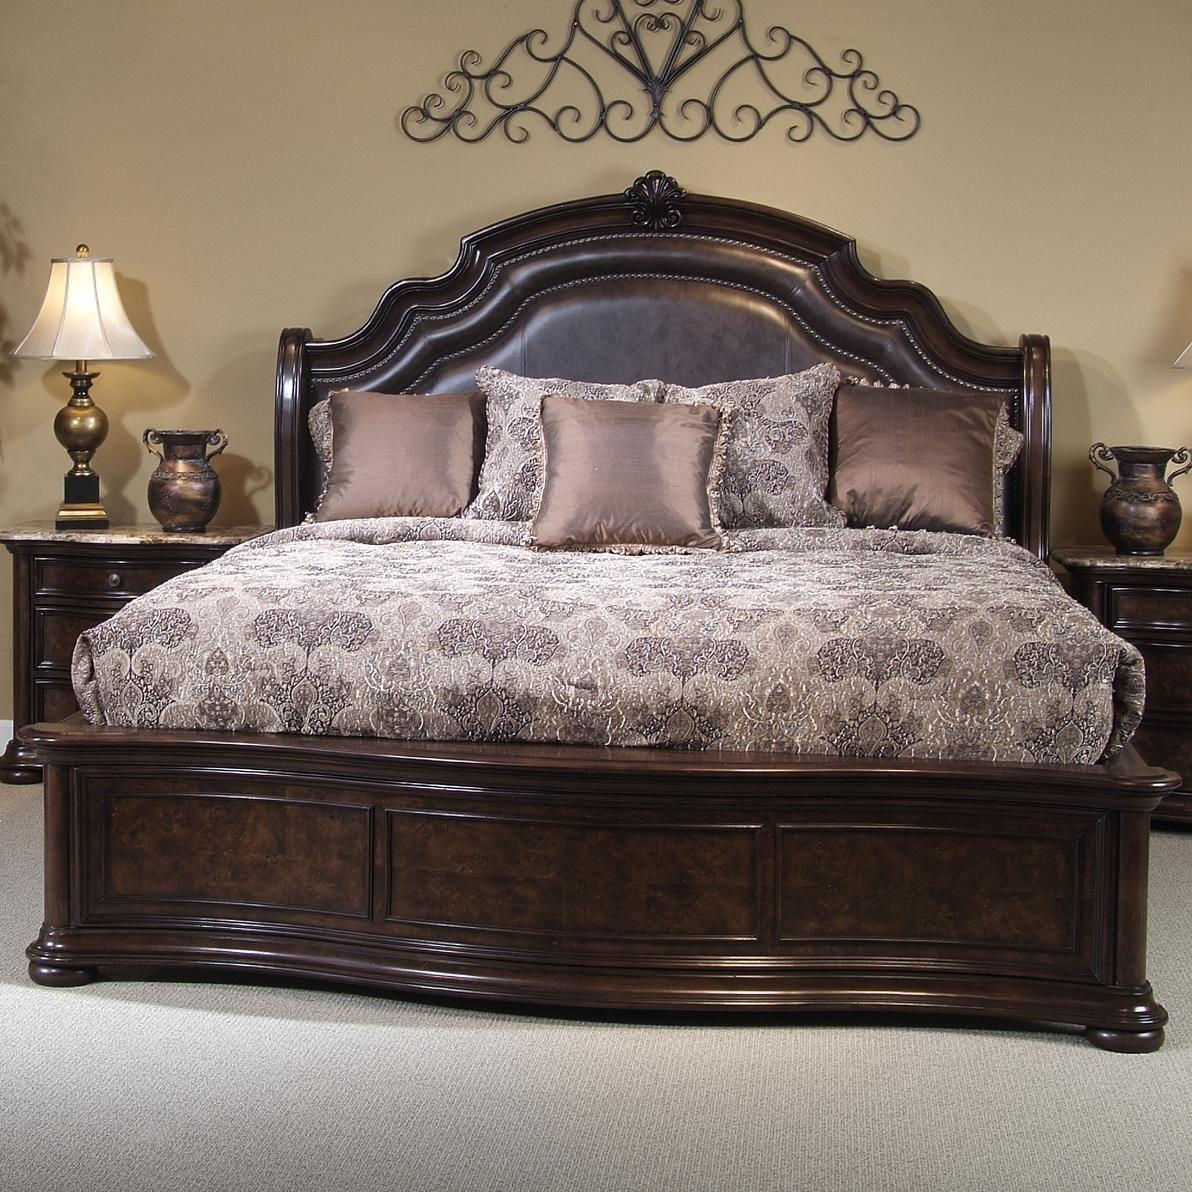 Le Grande King Platform Bed By Liberty Furniture Bedroom